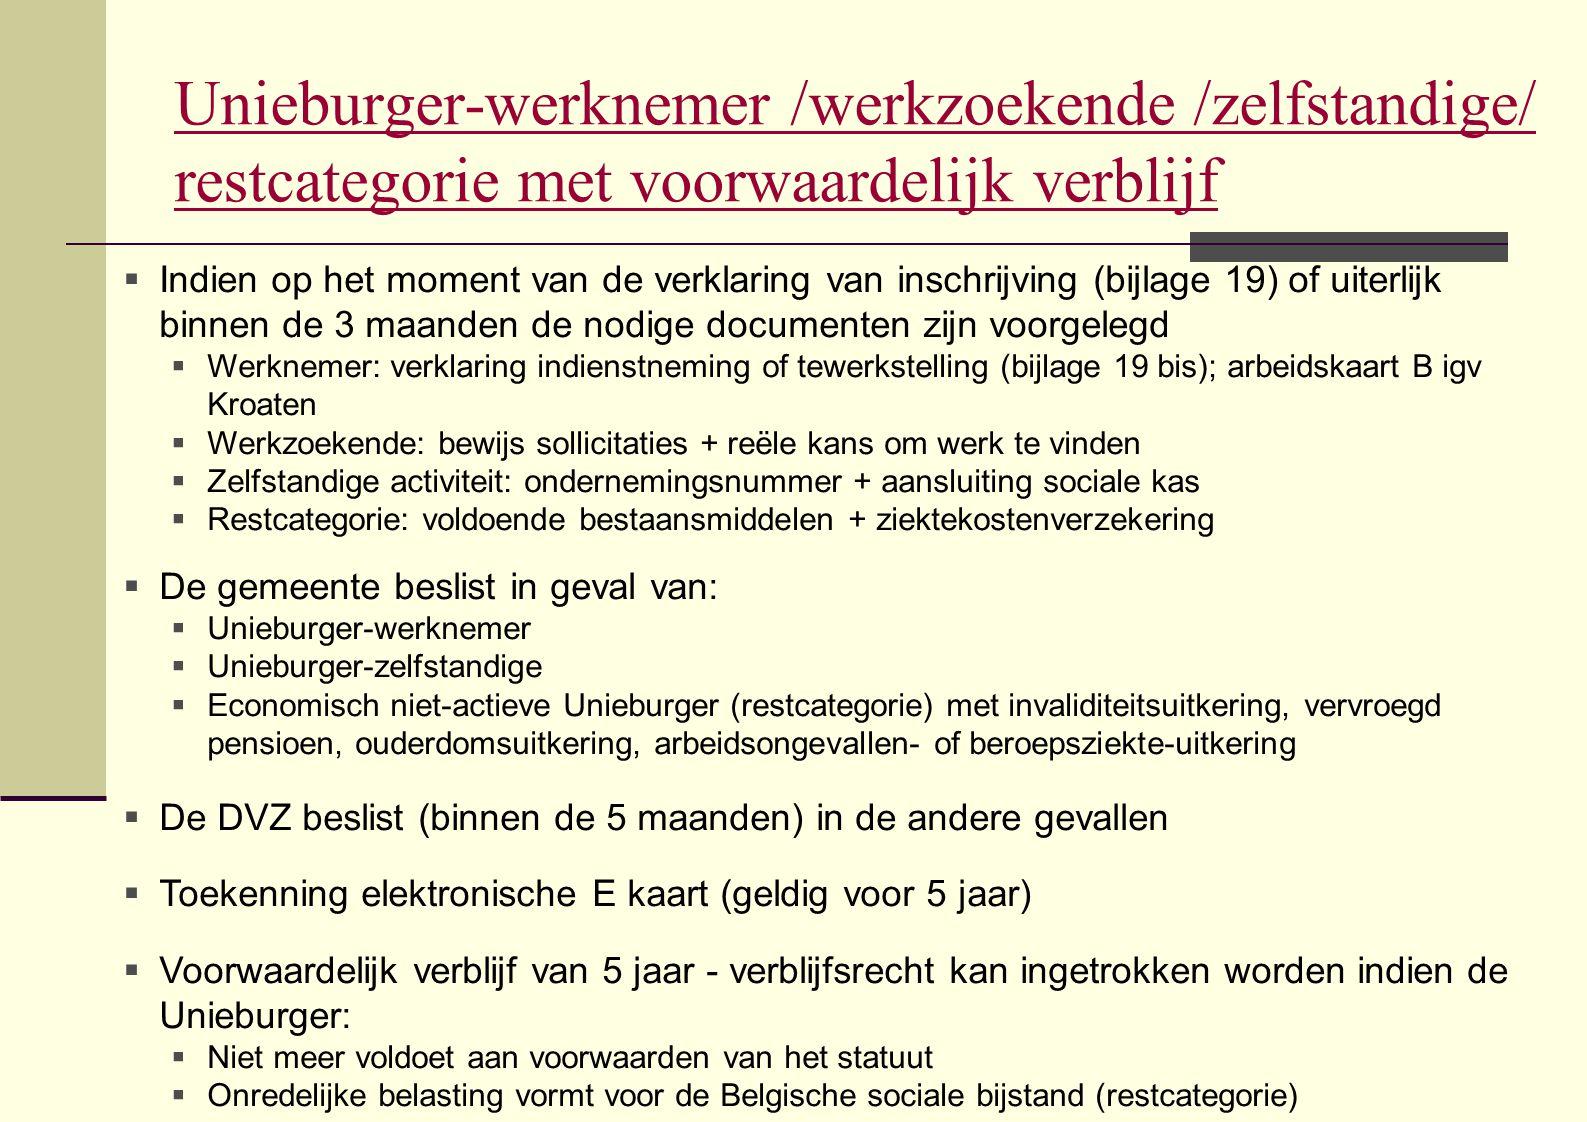 Unieburger-werknemer /werkzoekende /zelfstandige/ restcategorie met voorwaardelijk verblijf